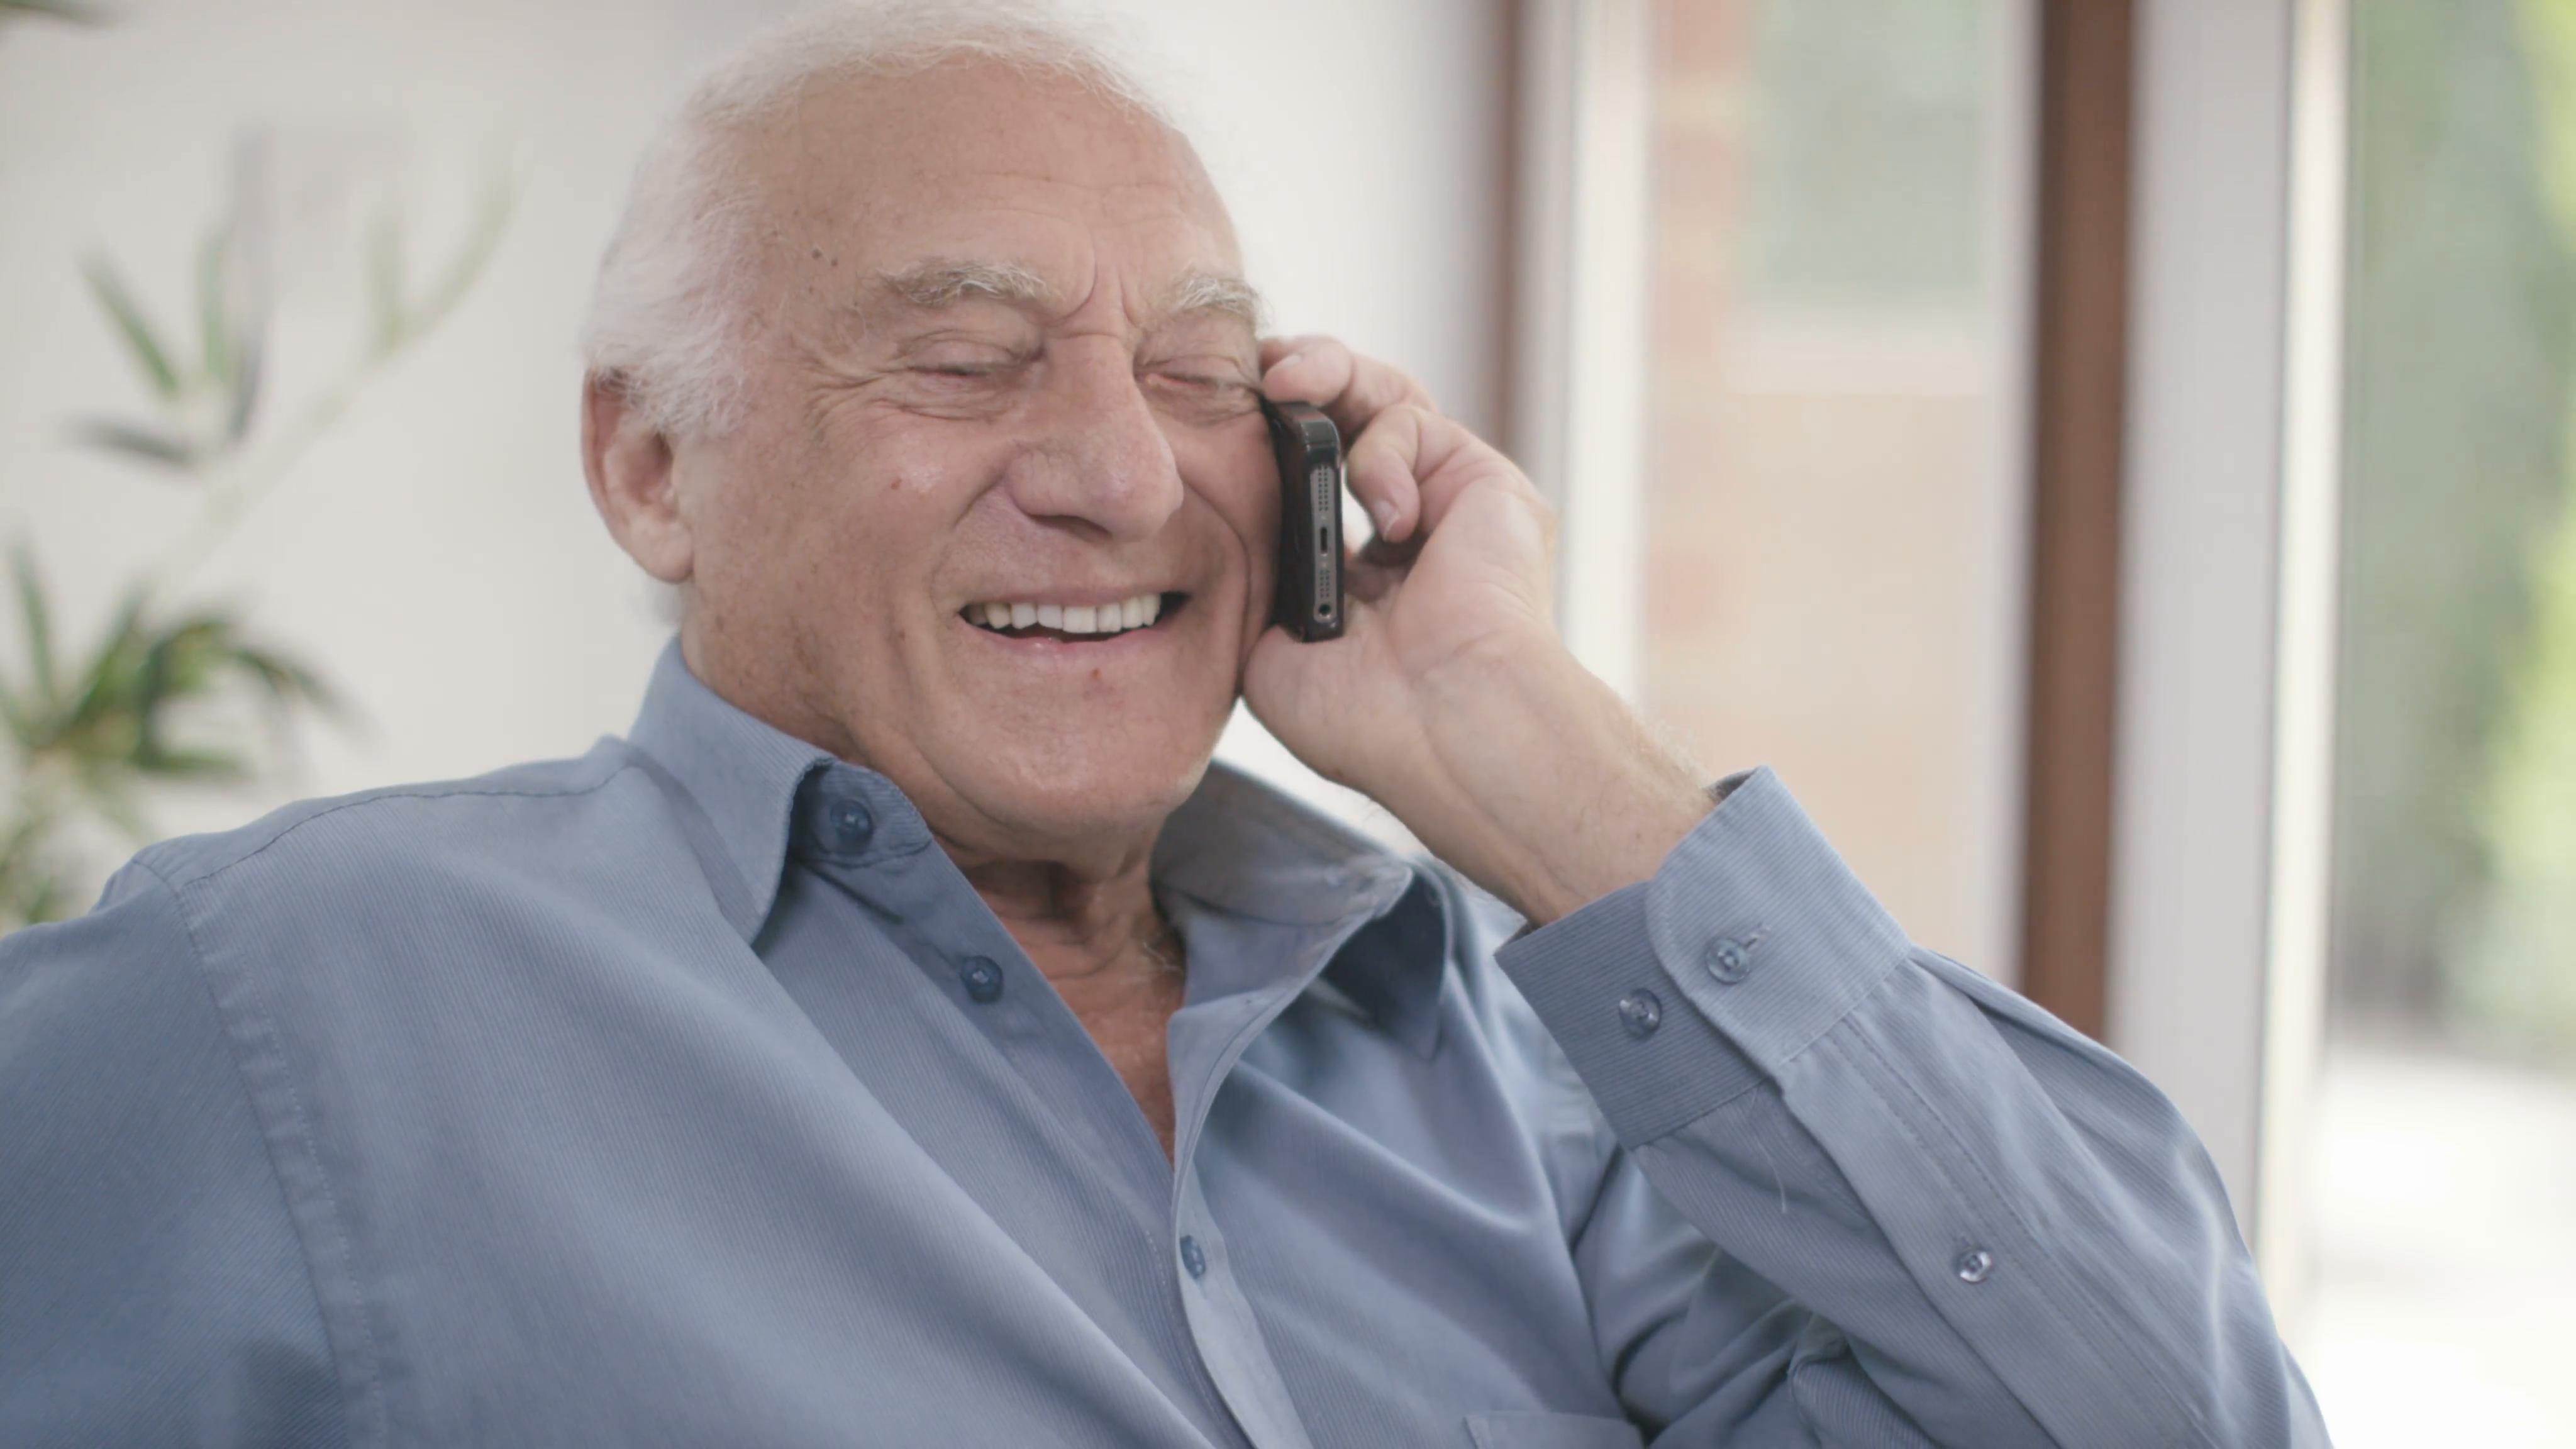 Интернет-провайдер в Красноярске рассказывает: «Бабушкофоны»: какие телефоны стоит покупать пожилым родственникам.